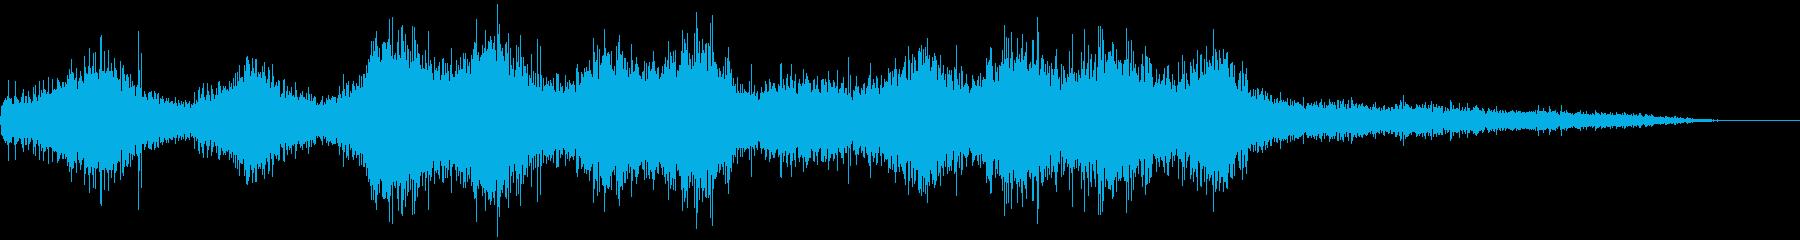 ビュルルルーン!!草刈り機が動きだす音の再生済みの波形